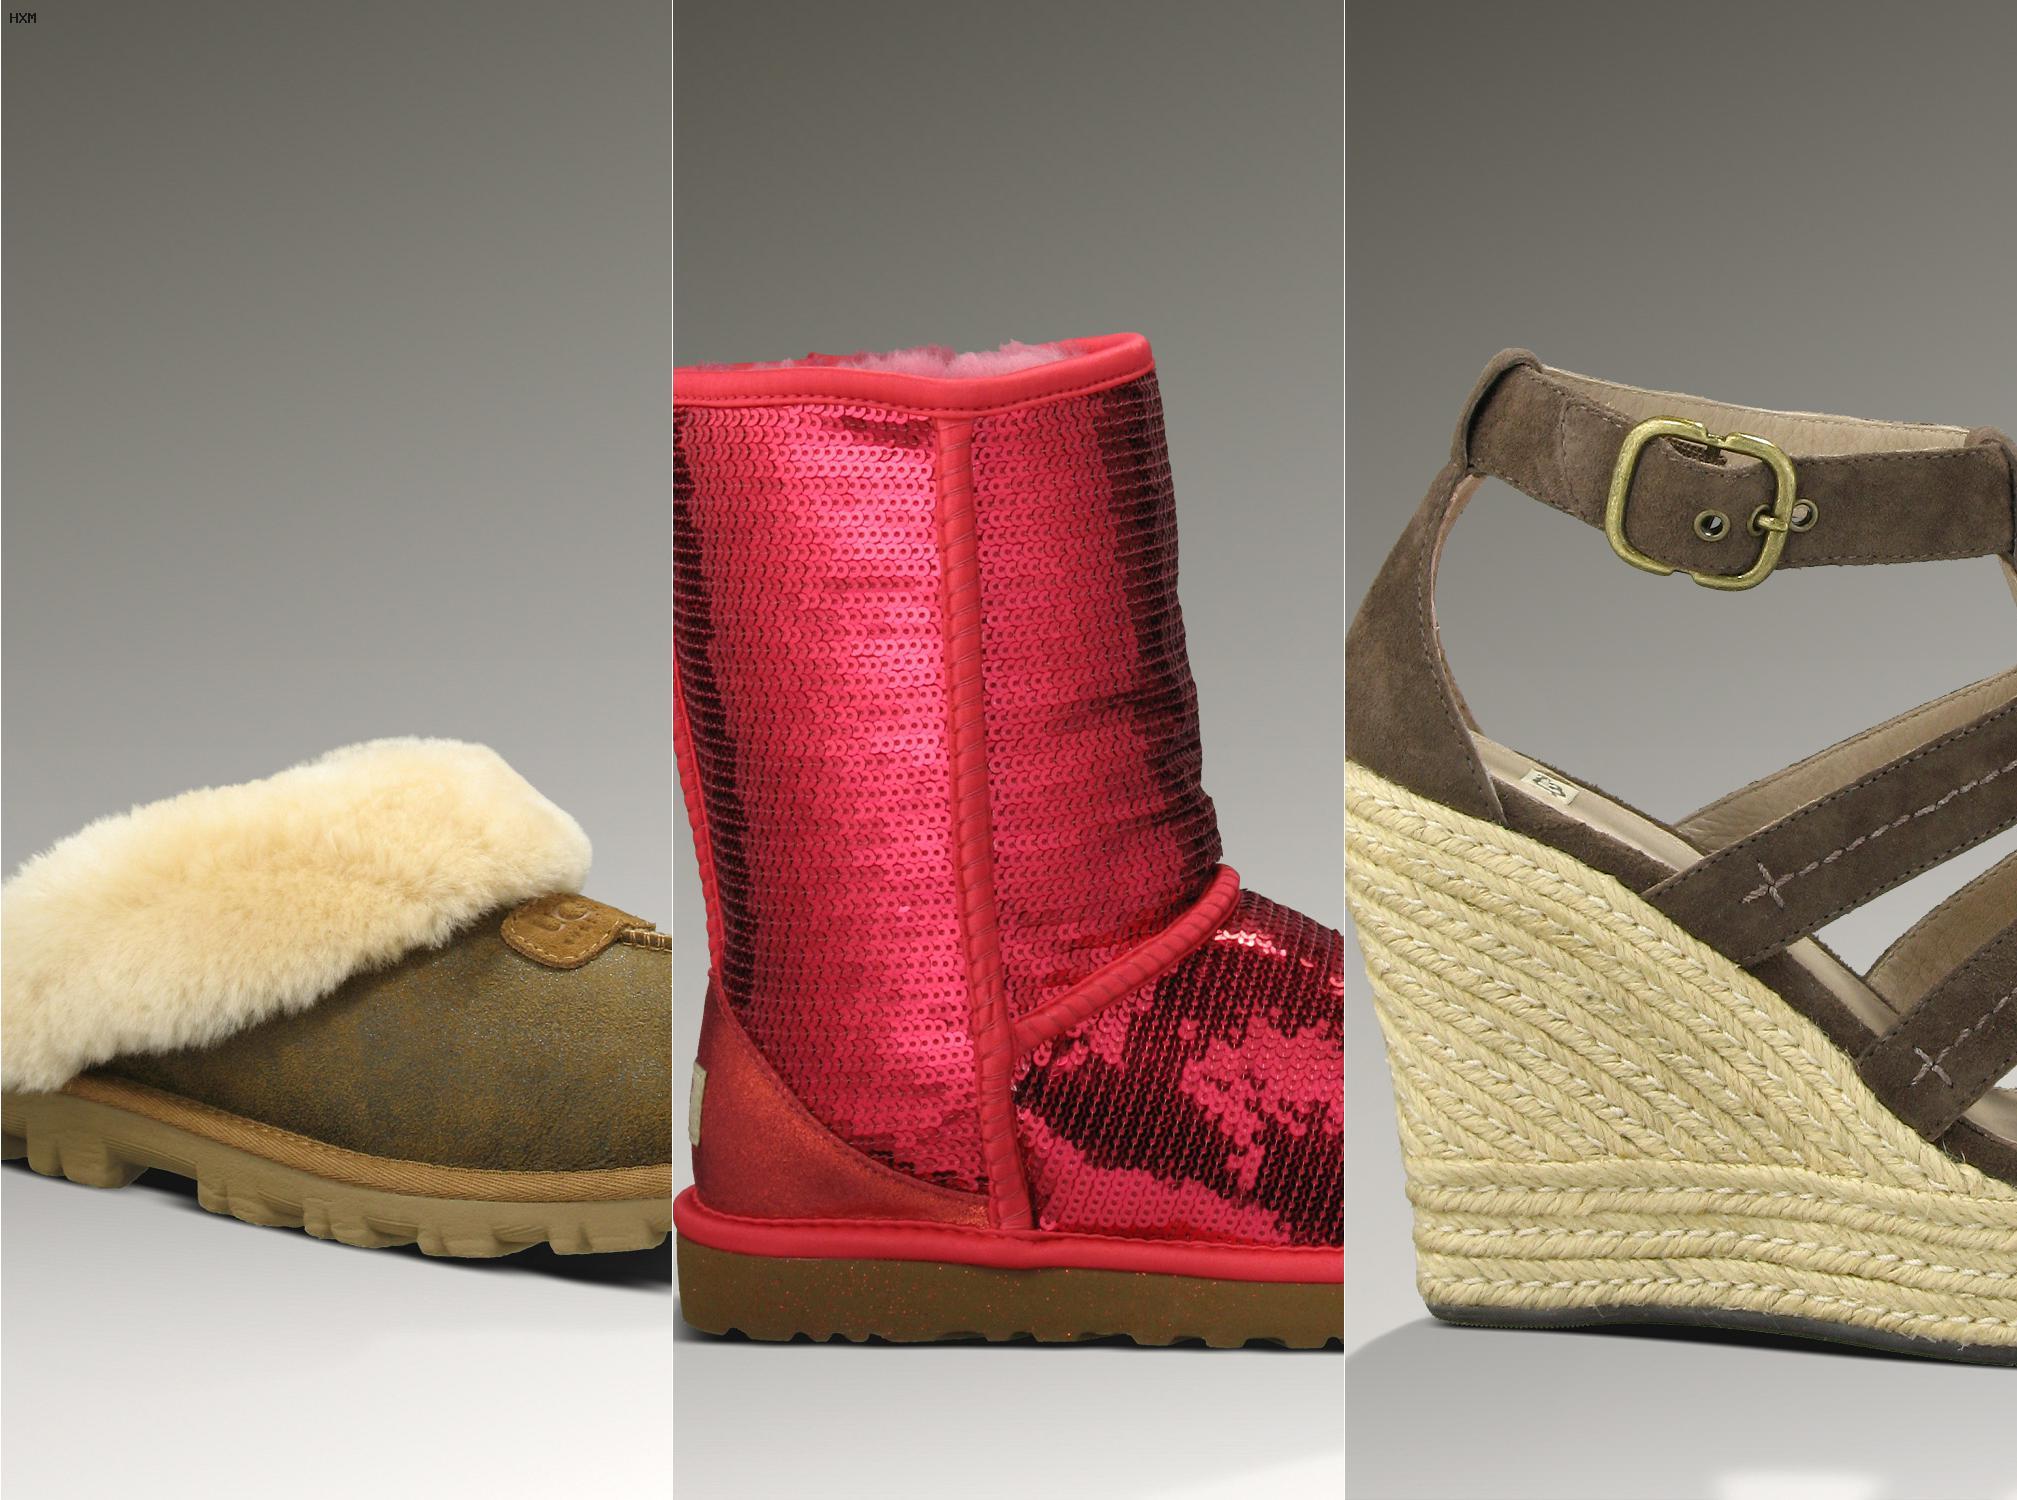 compra online botas ugg baratas